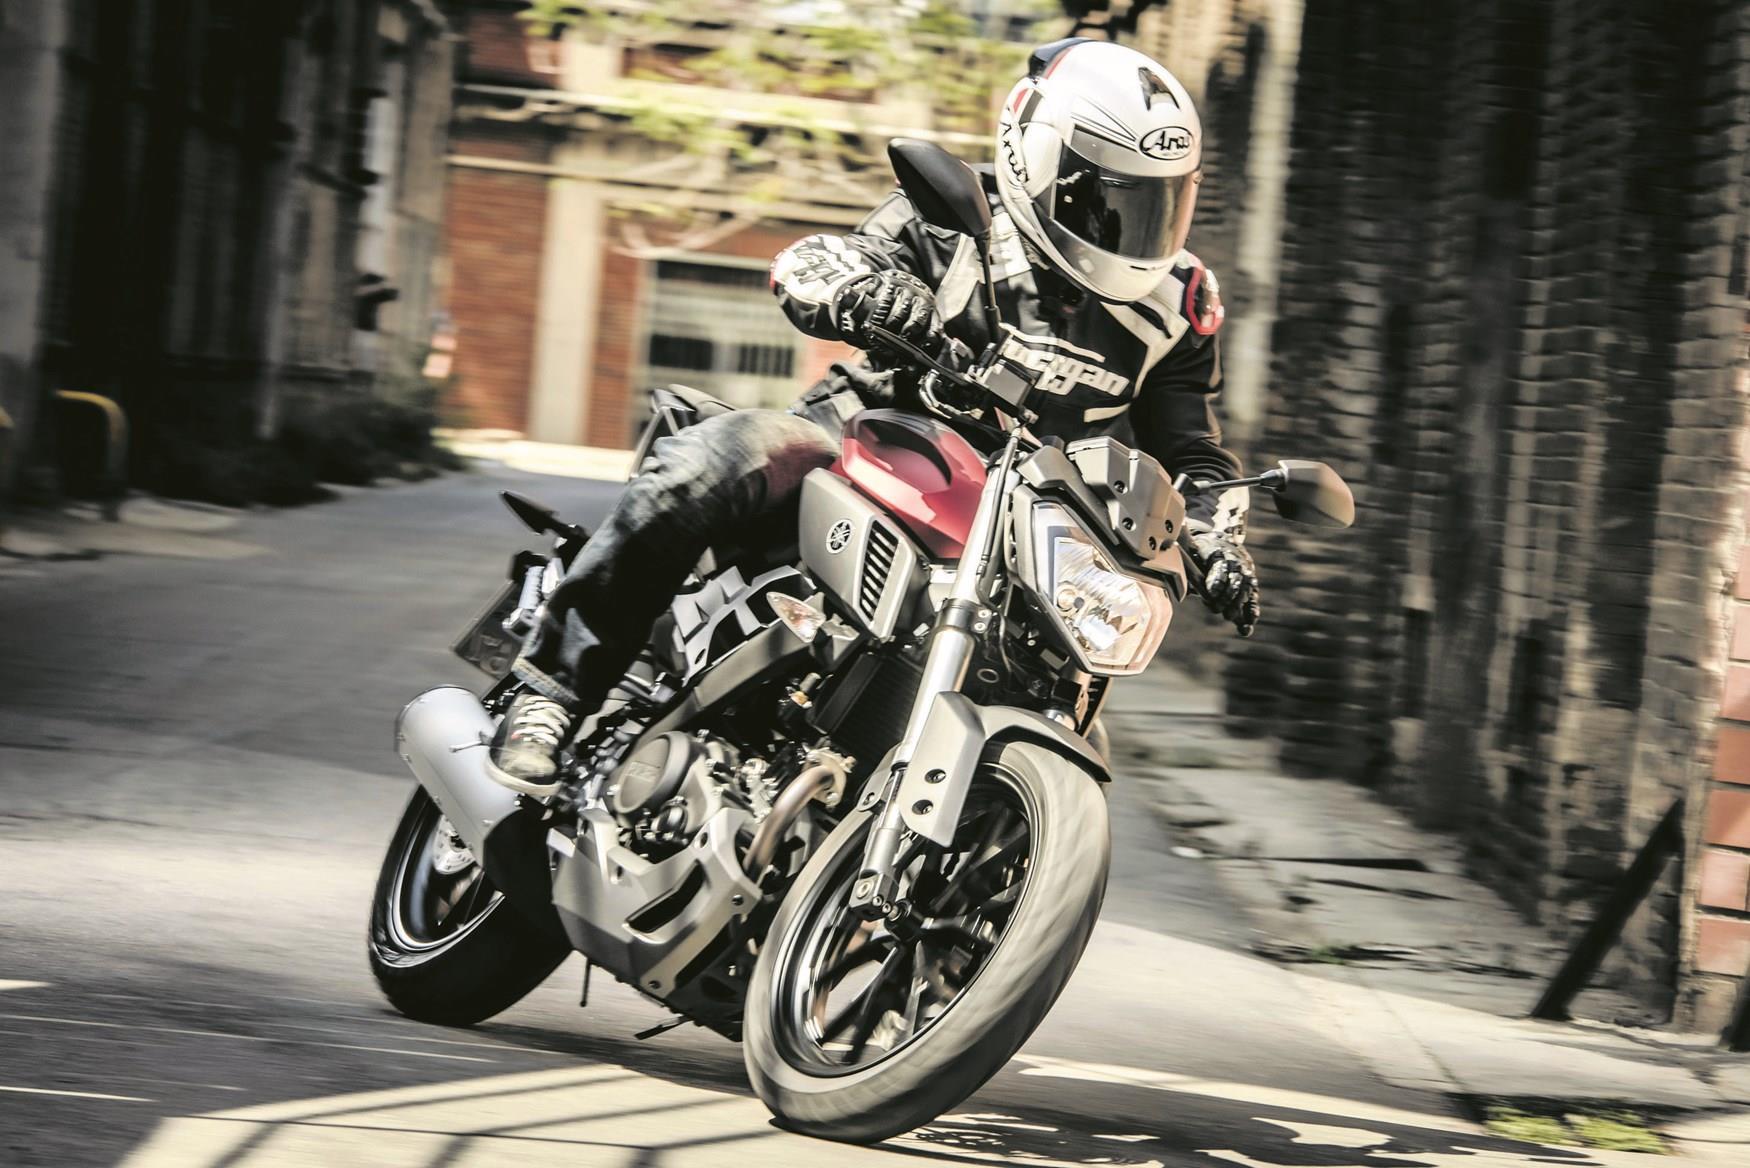 The Yamaha MT-125 being ridden